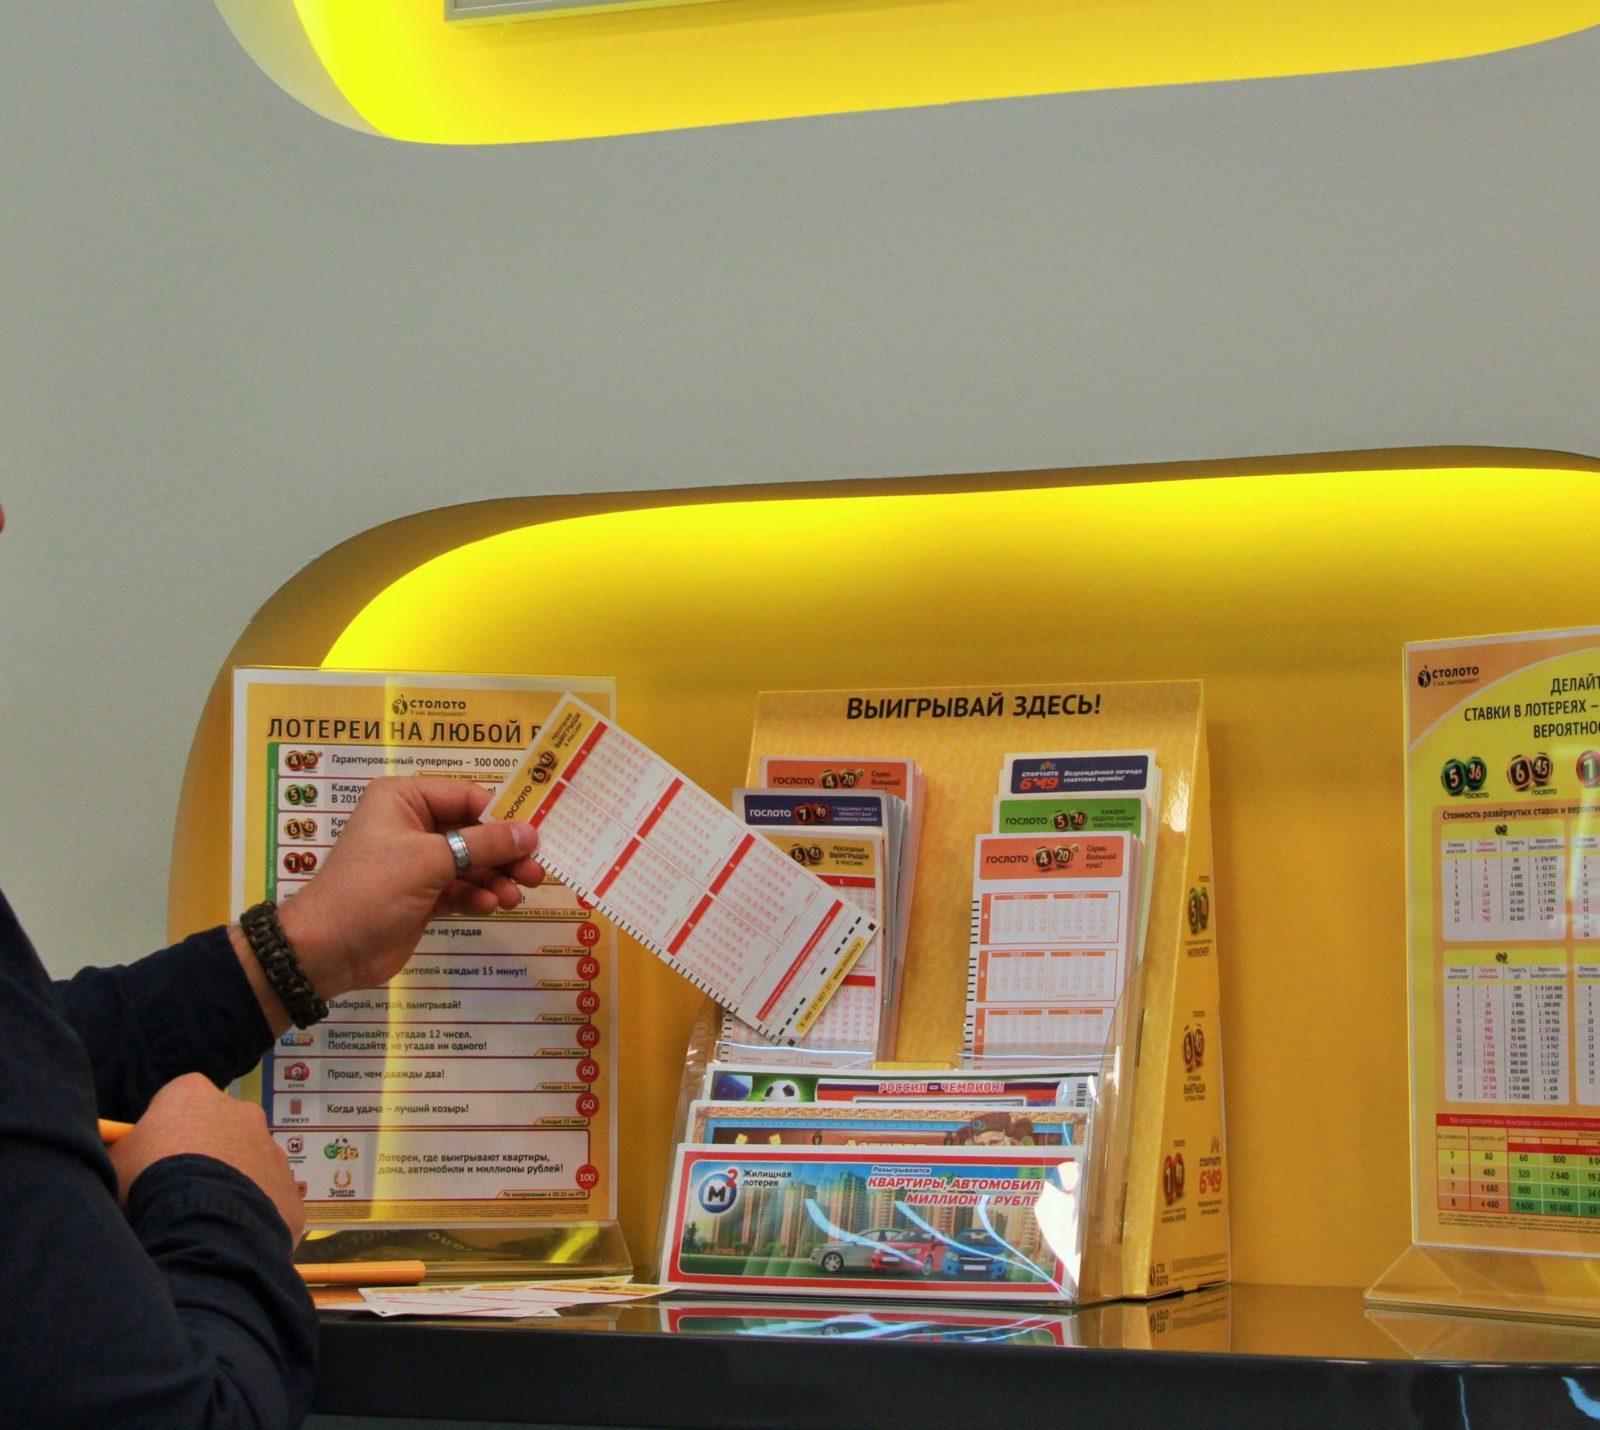 места продаж лотерейных билетов